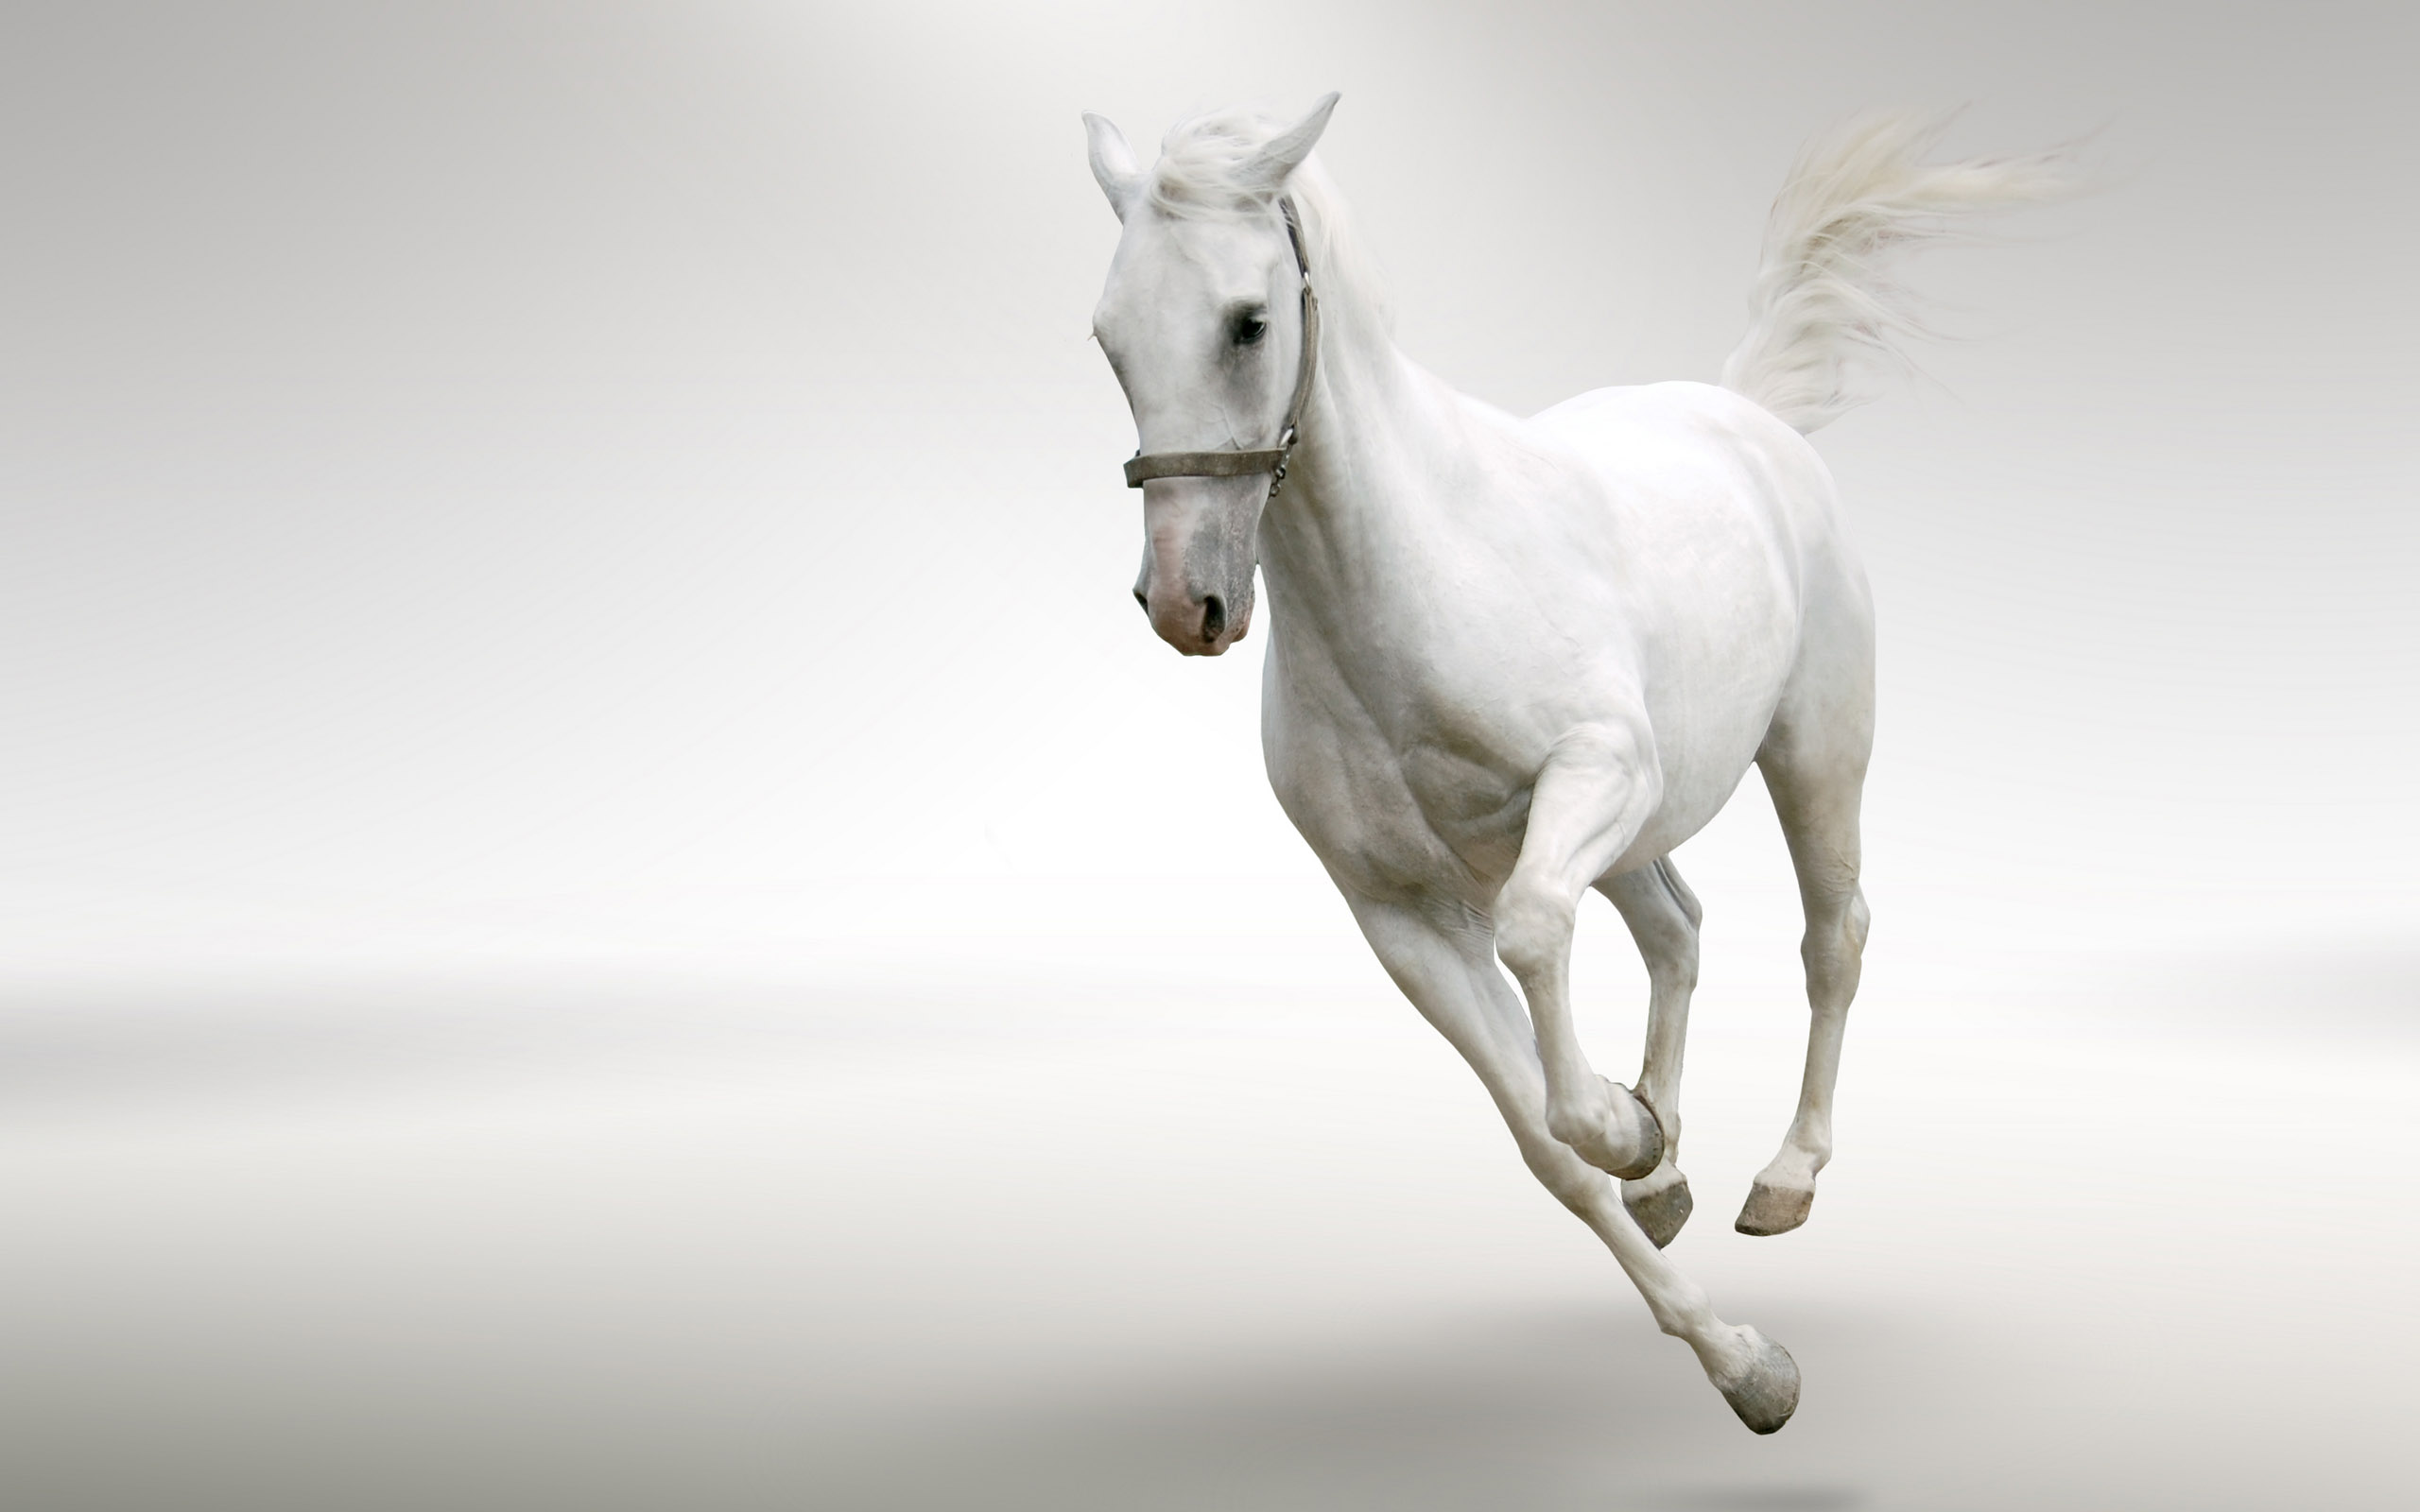 Белый конь, белая лошадь, фото, обои на рабочий стол